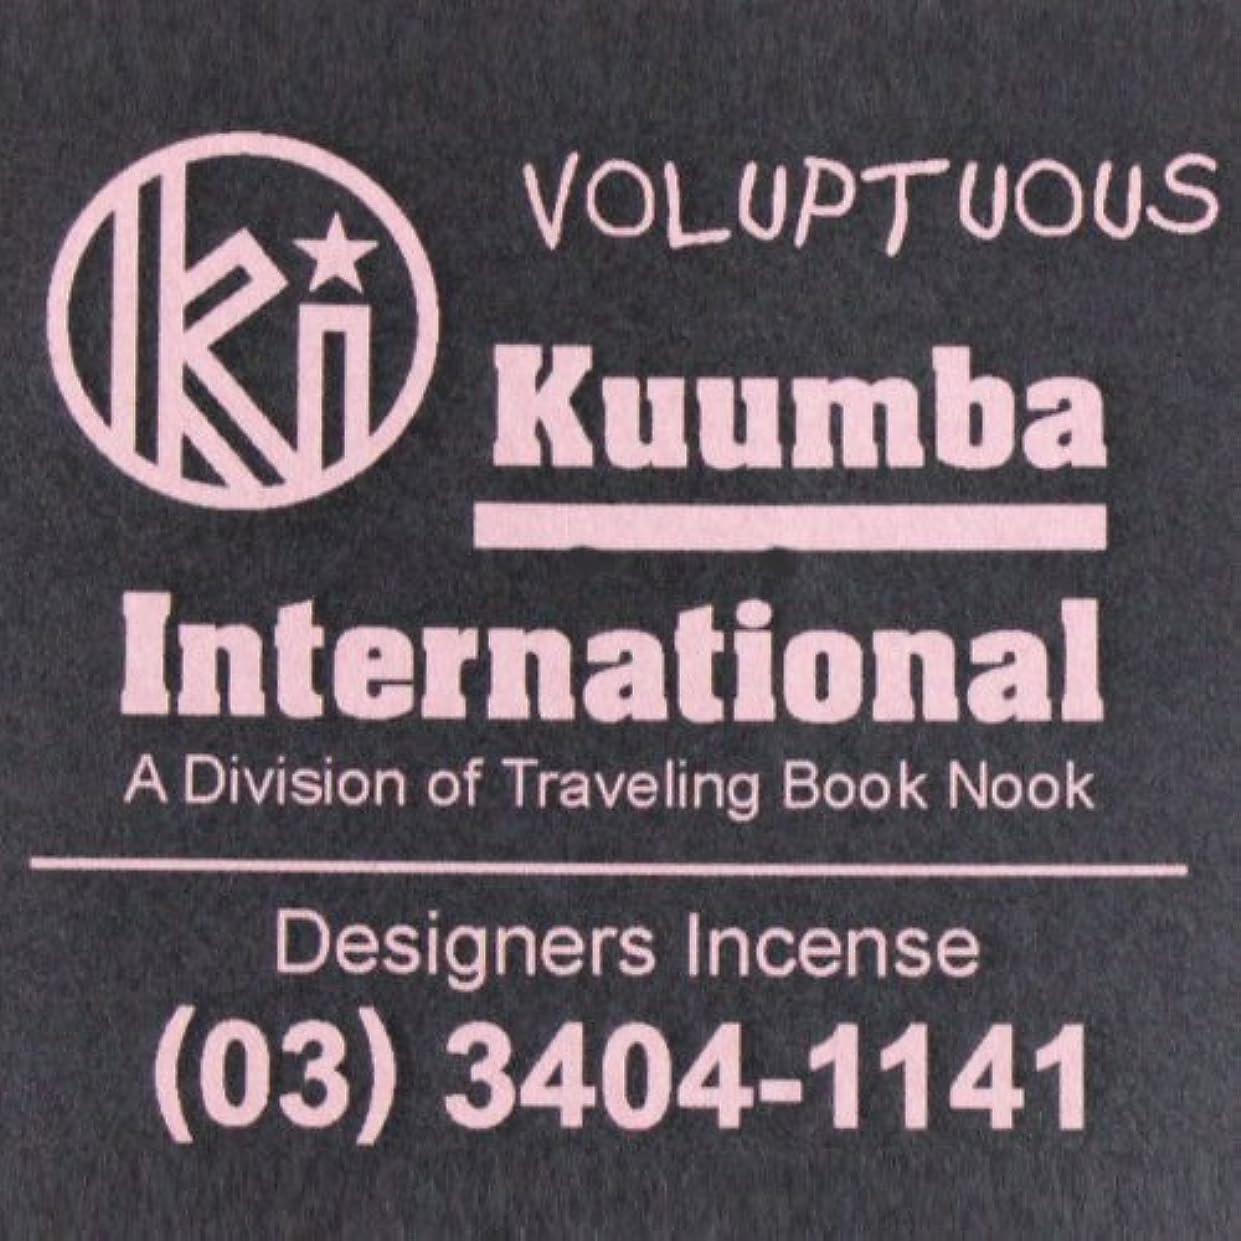 弁護士寛大さ財政KUUMBA (クンバ)『incense』(VOLUPTUOUS) (Regular size)